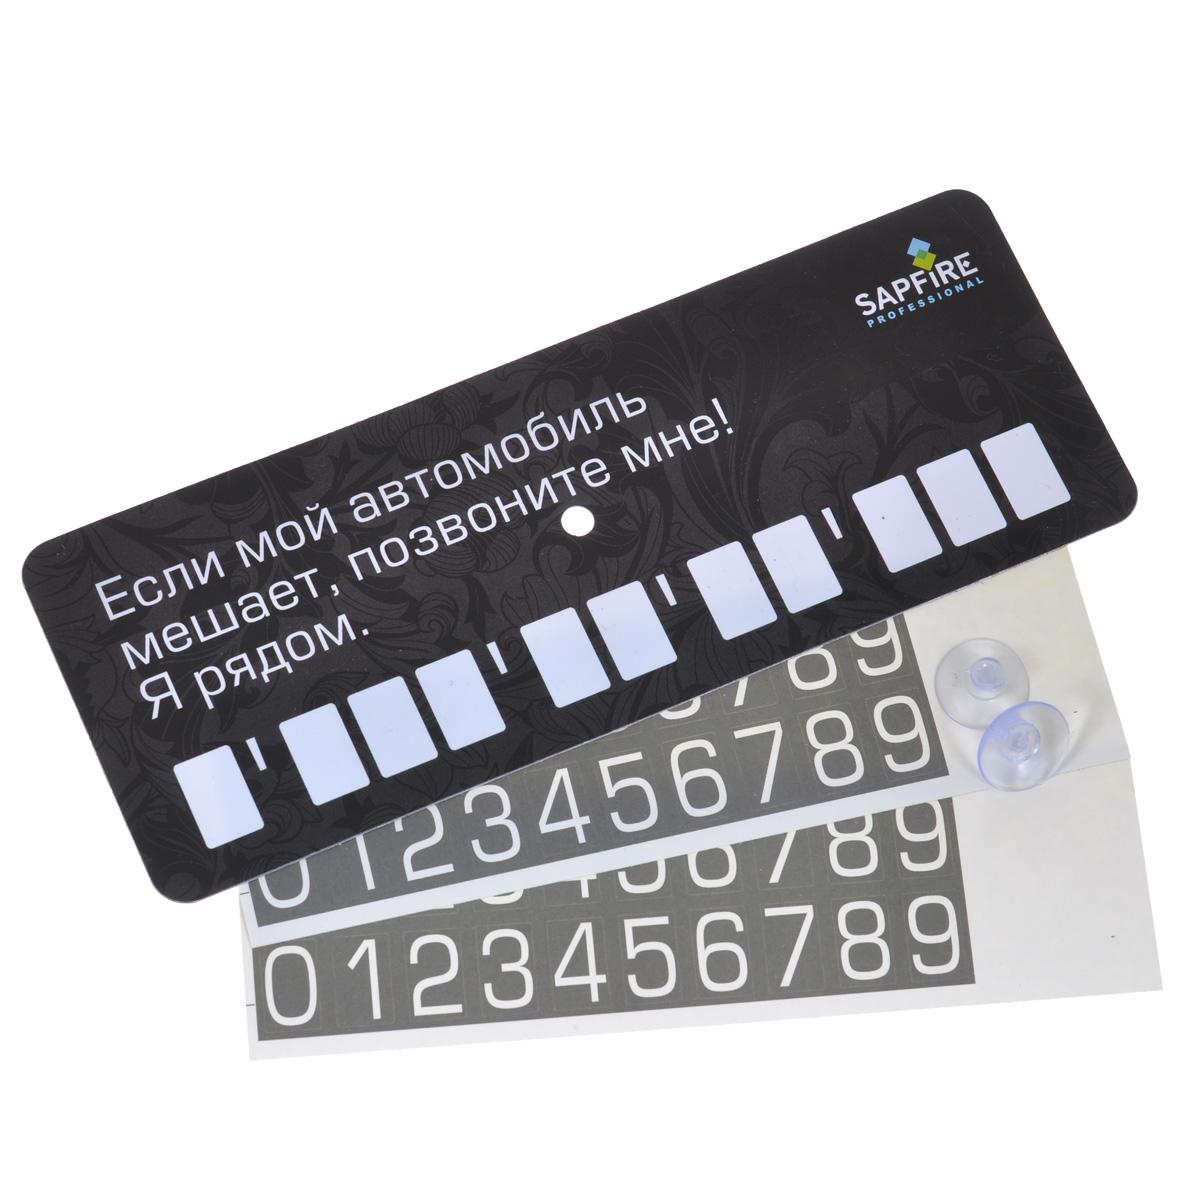 Табличка автомобильная Sapfire для телефонного номера, 21 х 8 смSCH-0711Автомобильная табличка Sapfire, изготовленная из ПВХ, предназначена для оповещения владельцев окружающих транспортных средств о способе связи с вами, в случае, если вы их заблокировали своим автомобилем. На табличке присутствуют 11 пустых окошек для чисел вашего телефонного номера и надпись Если мой автомобиль мешает, позвоните мне! Я рядом. Также в комплект входят стикеры с числами и две силиконовые присоски, с помощью которых табличка крепится на стекло автомобиля. Размер таблички: 21 см х 8 см.